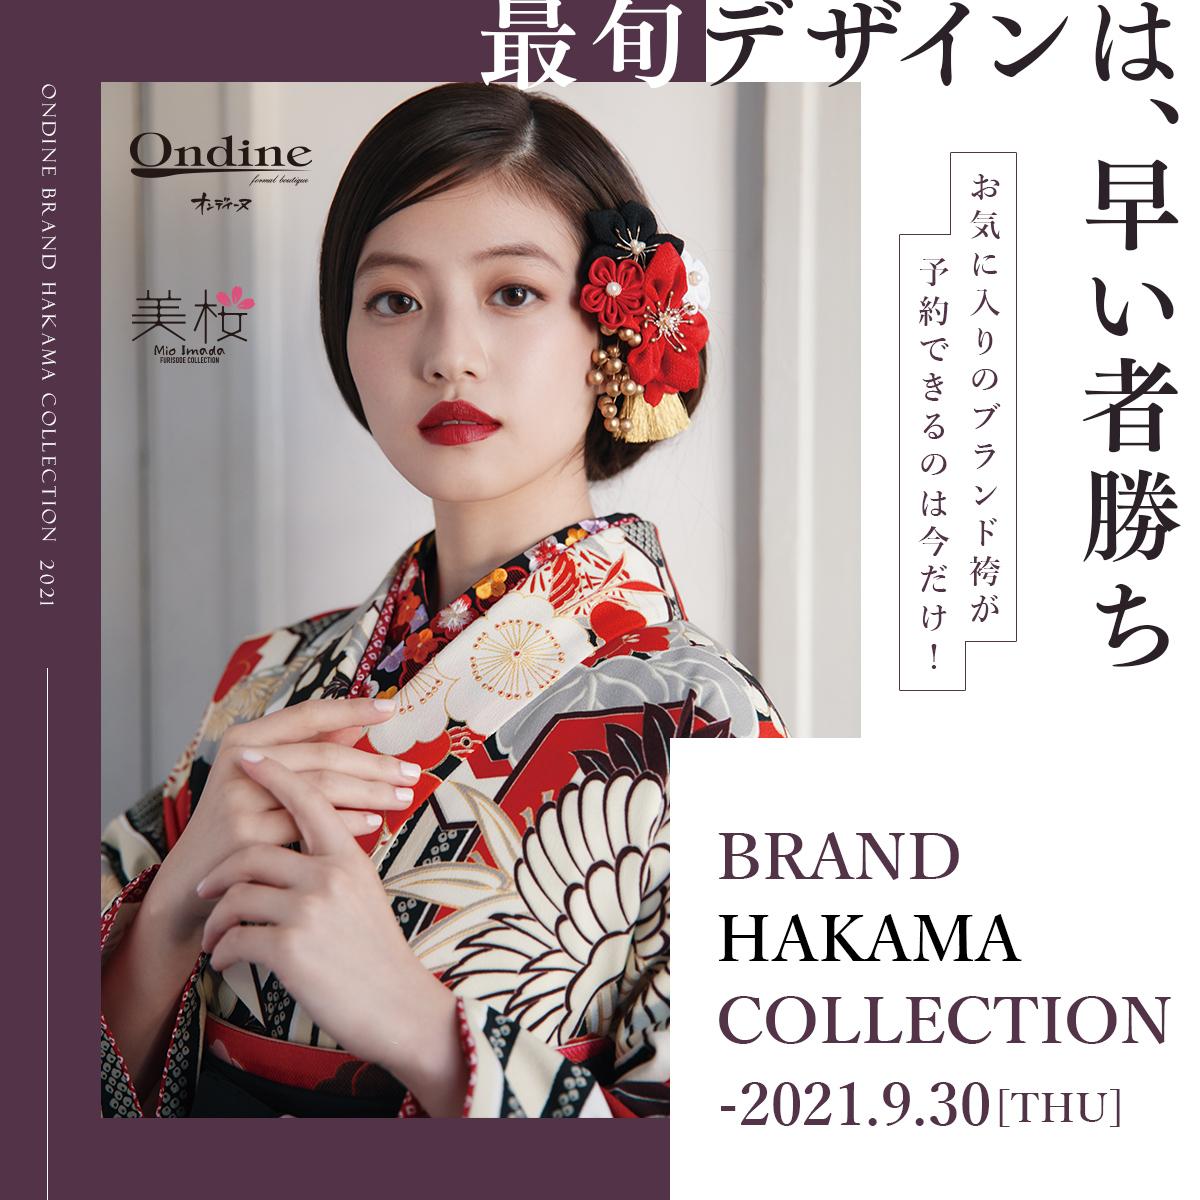 【新宿店】BRAND HAKAMA COLLECTION開催!